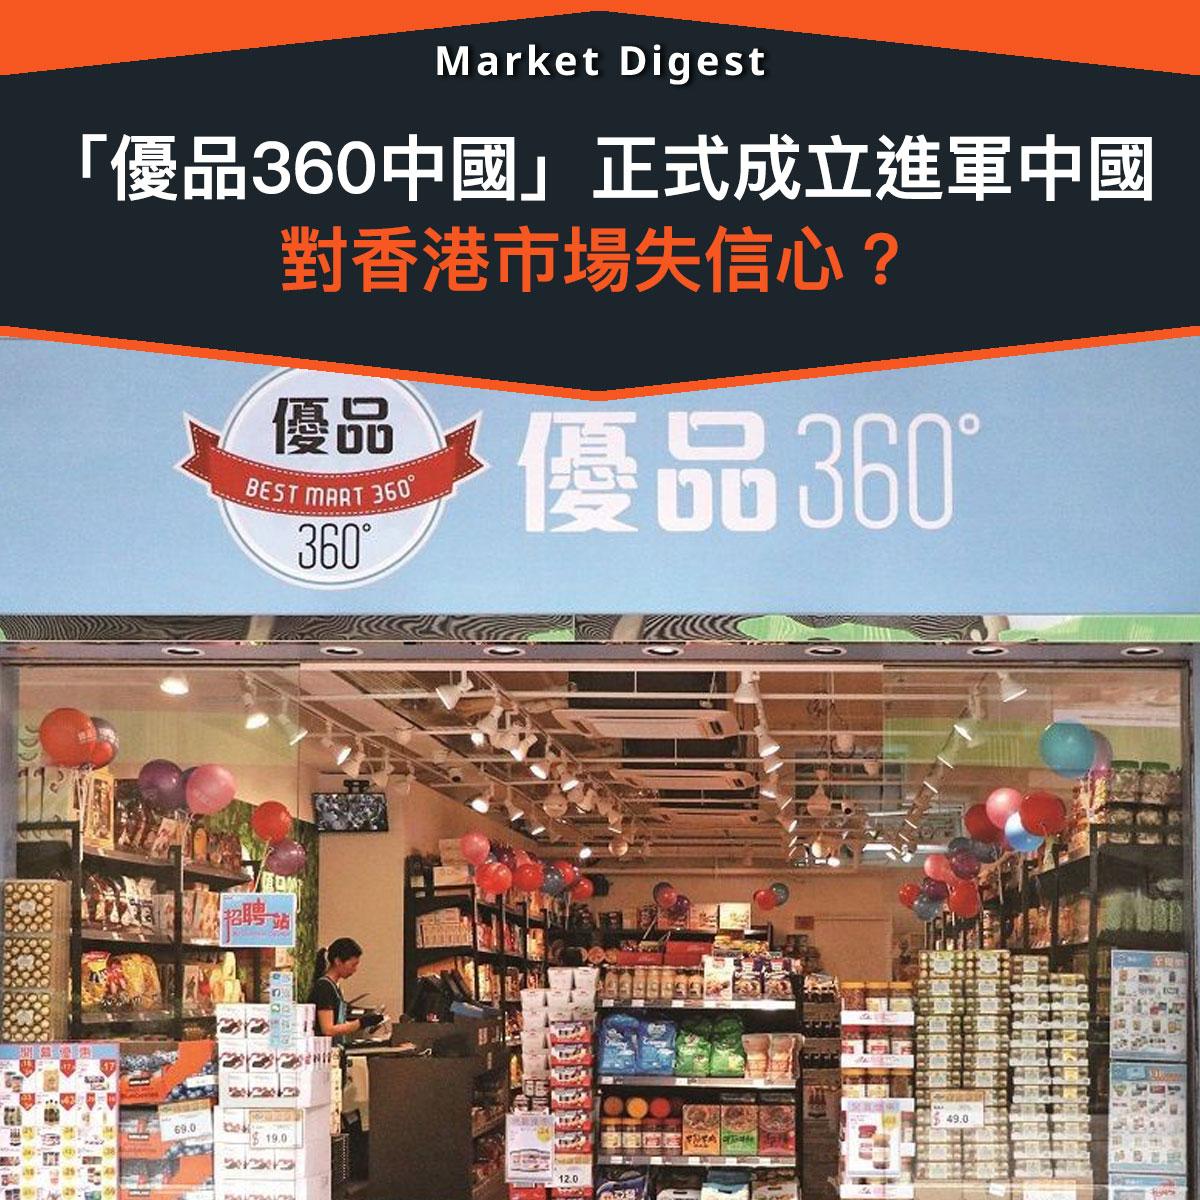 【市場熱話】「優品360中國」正式成立進軍中國零售